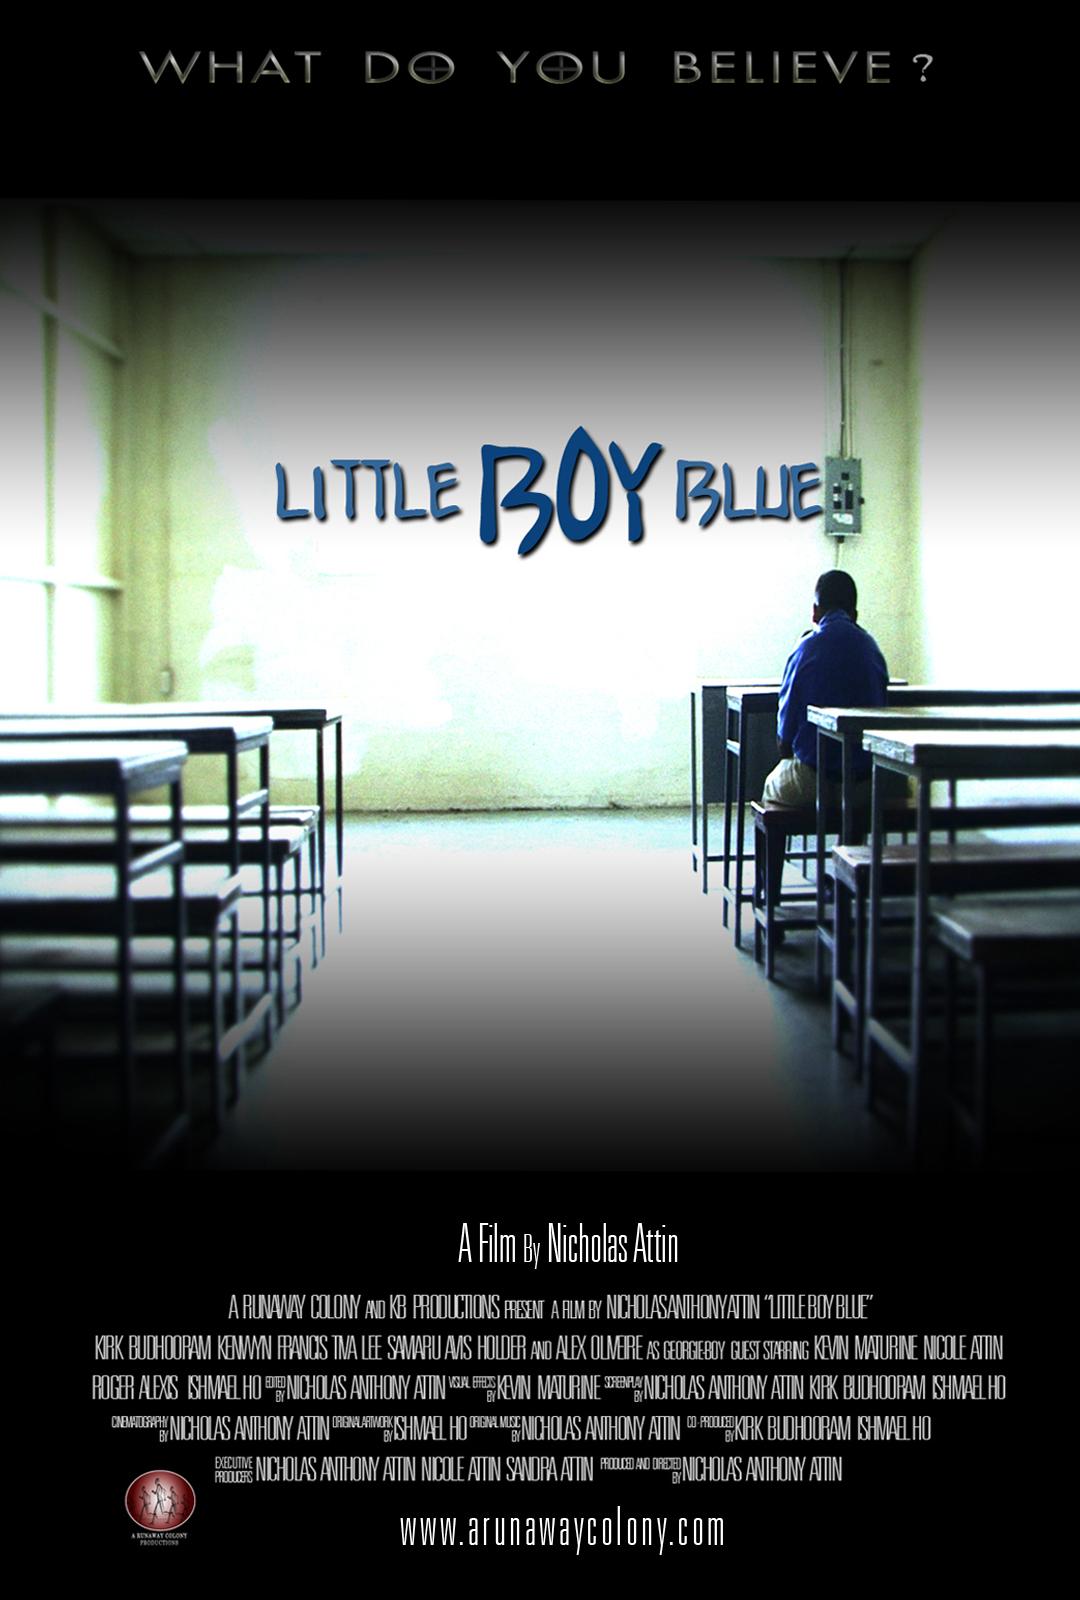 Little Boy Blue - Poster.jpg